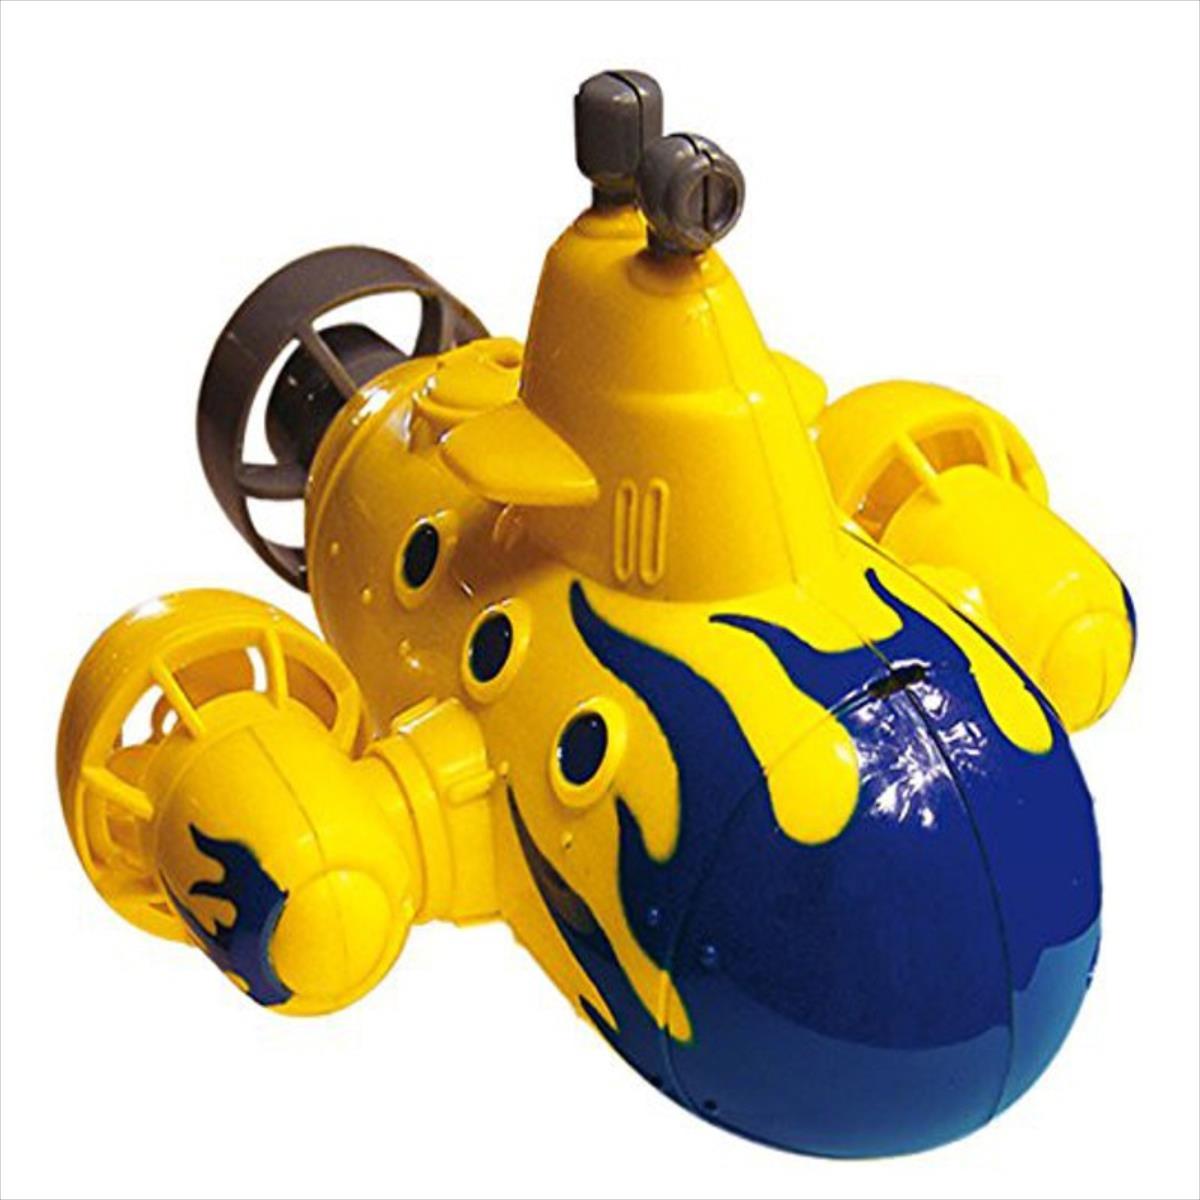 SILVERLIT R/C Submarine Radiovadāmā rotaļlieta